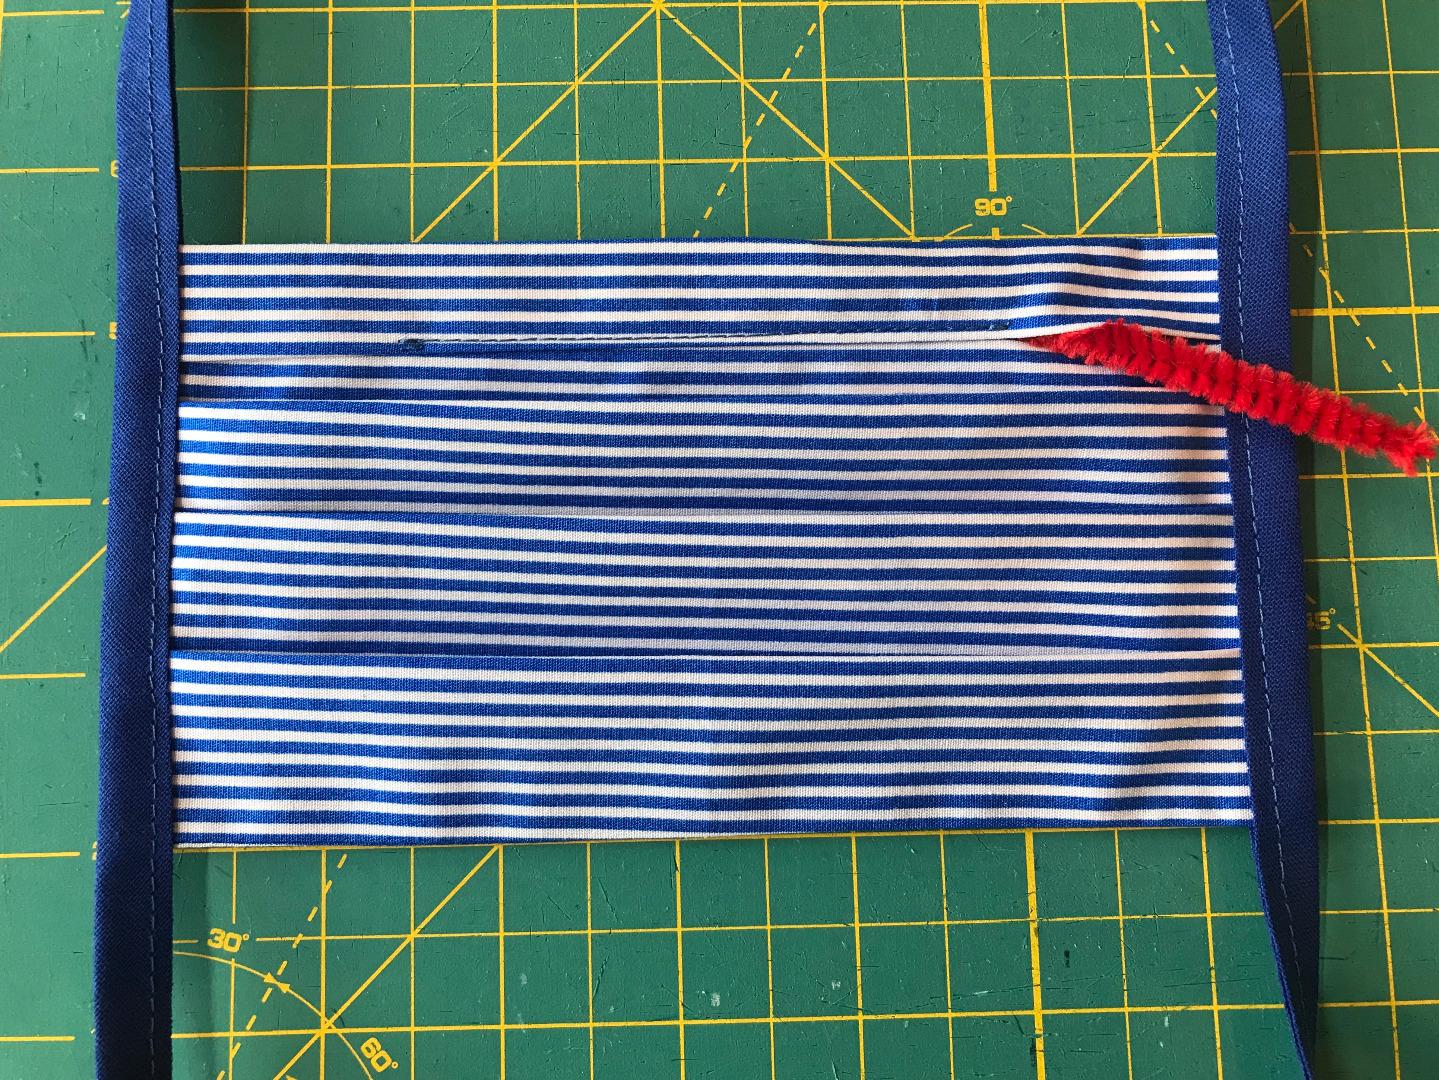 Behelfs-Gesichtsmaske Ringel schmal nachtblau/jeansblau 100 Baumwolle